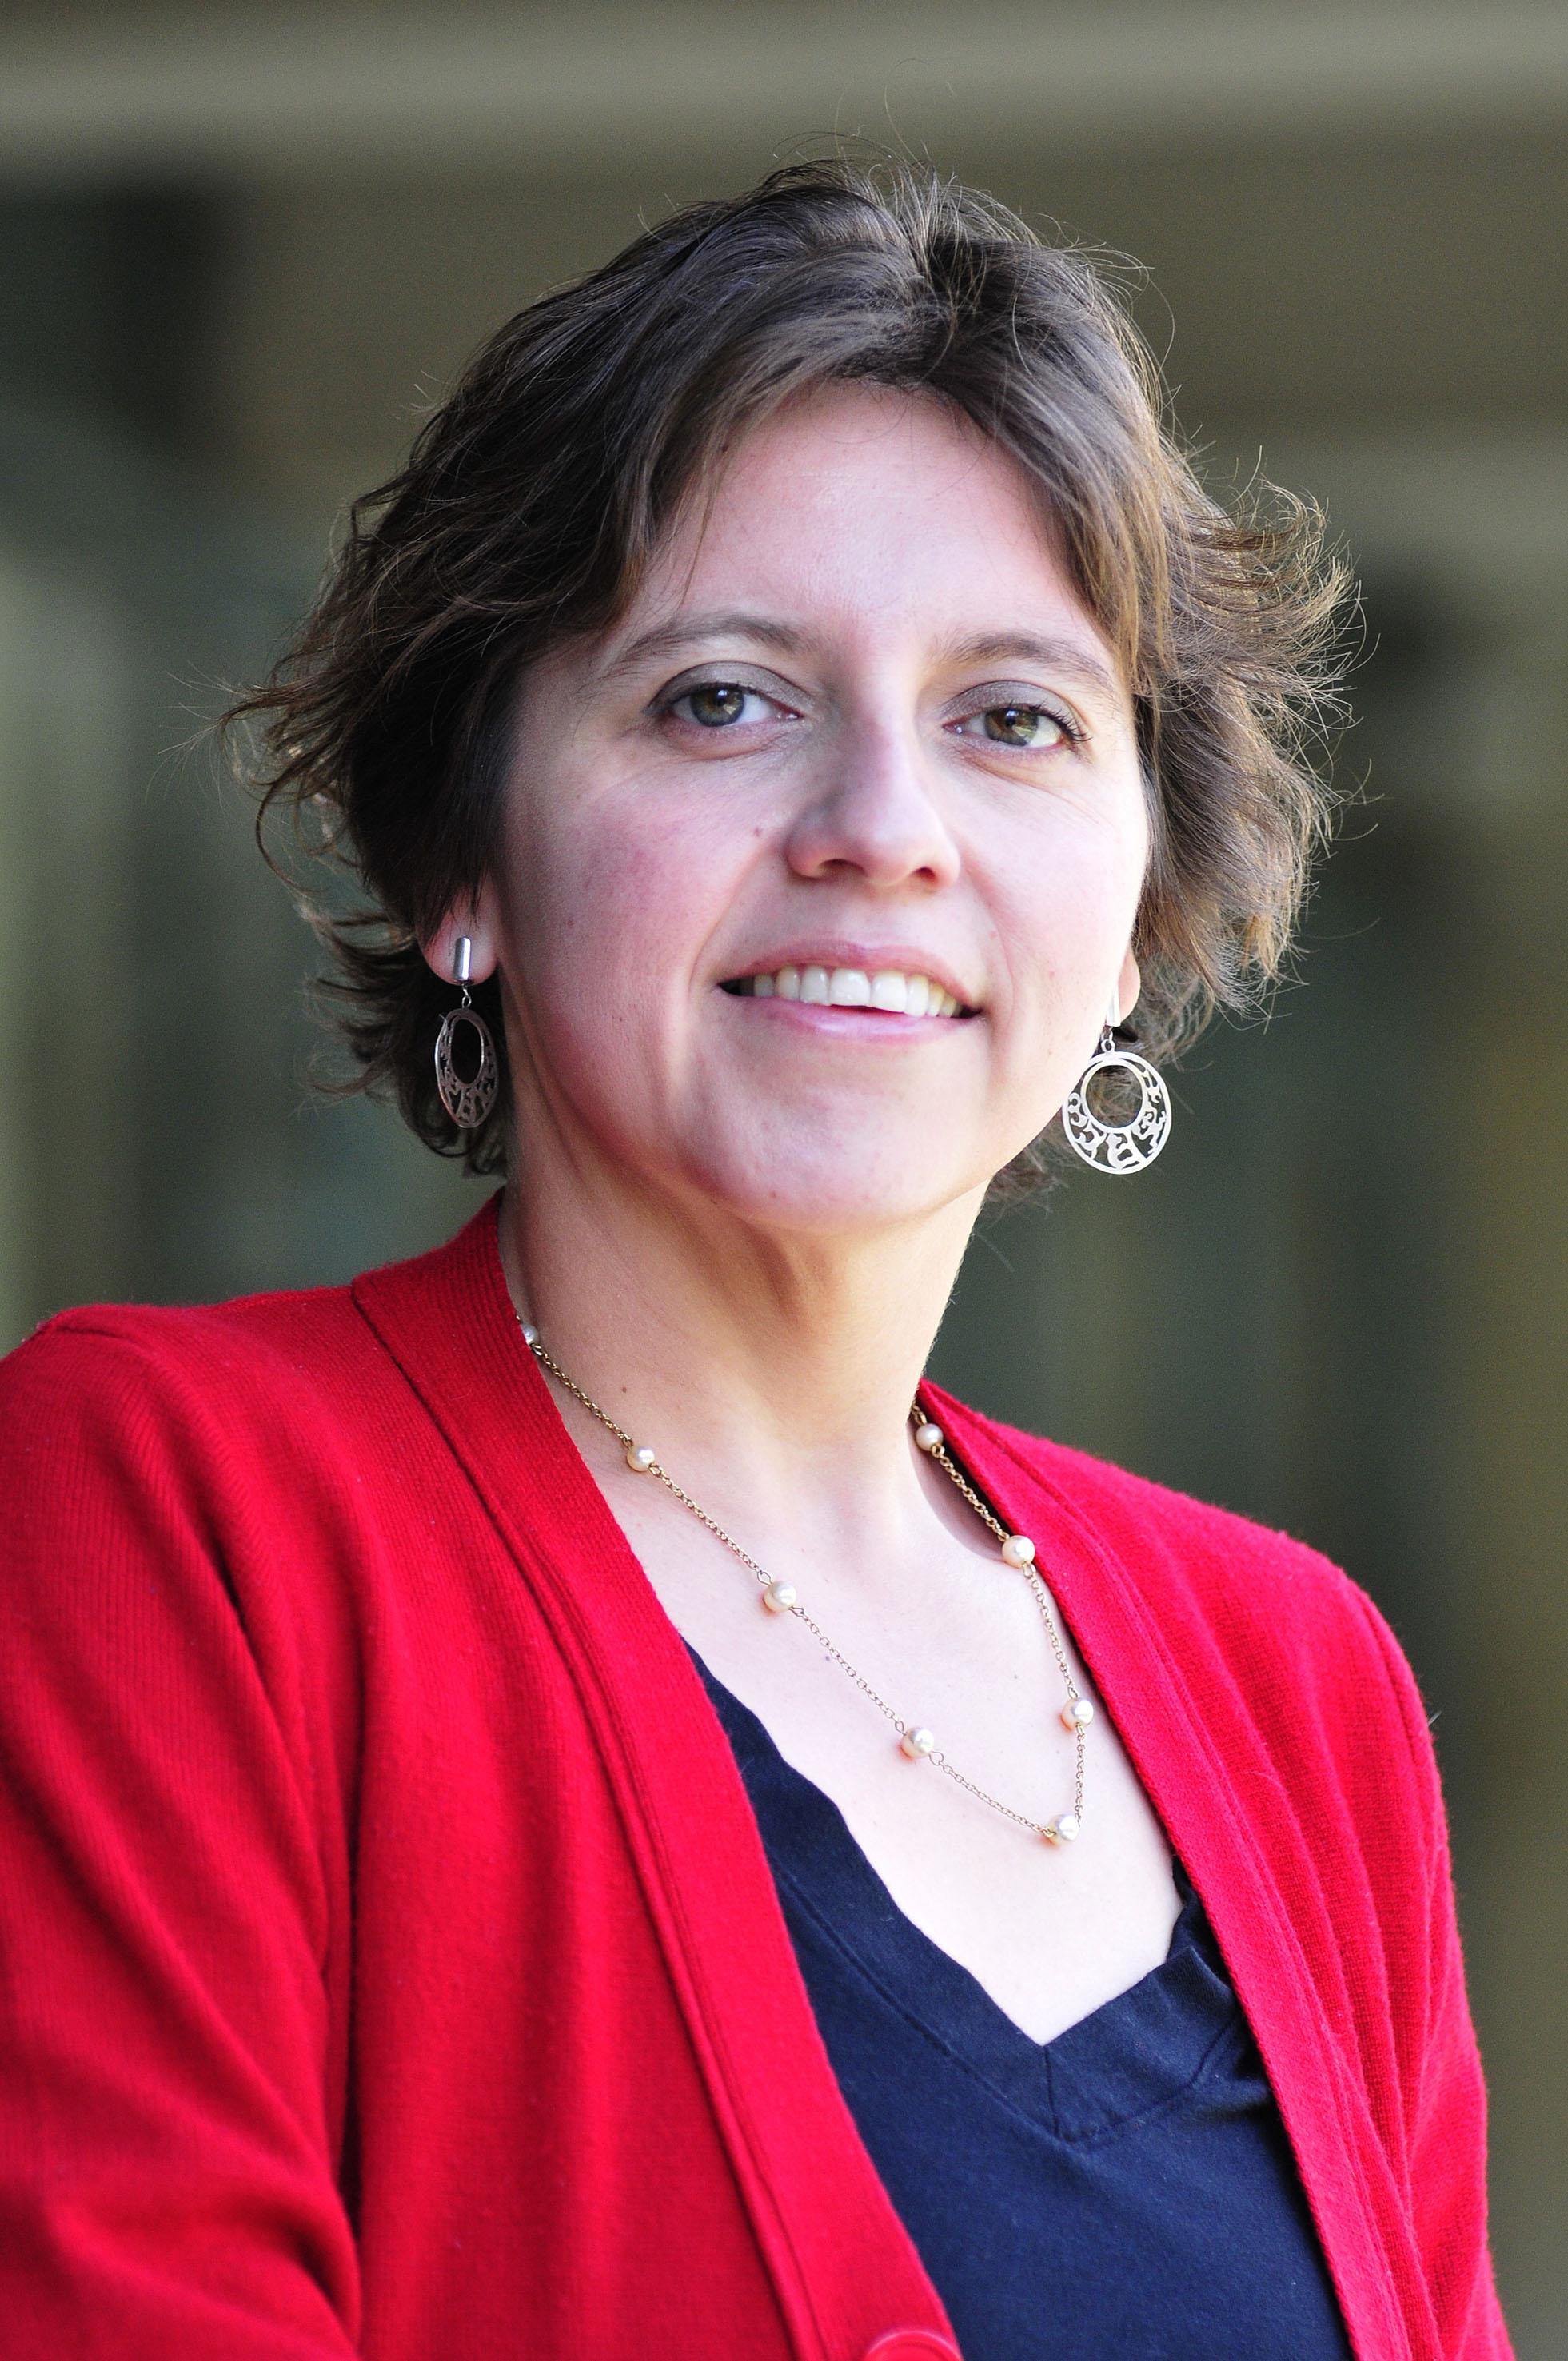 Dra. Clara Quiroga